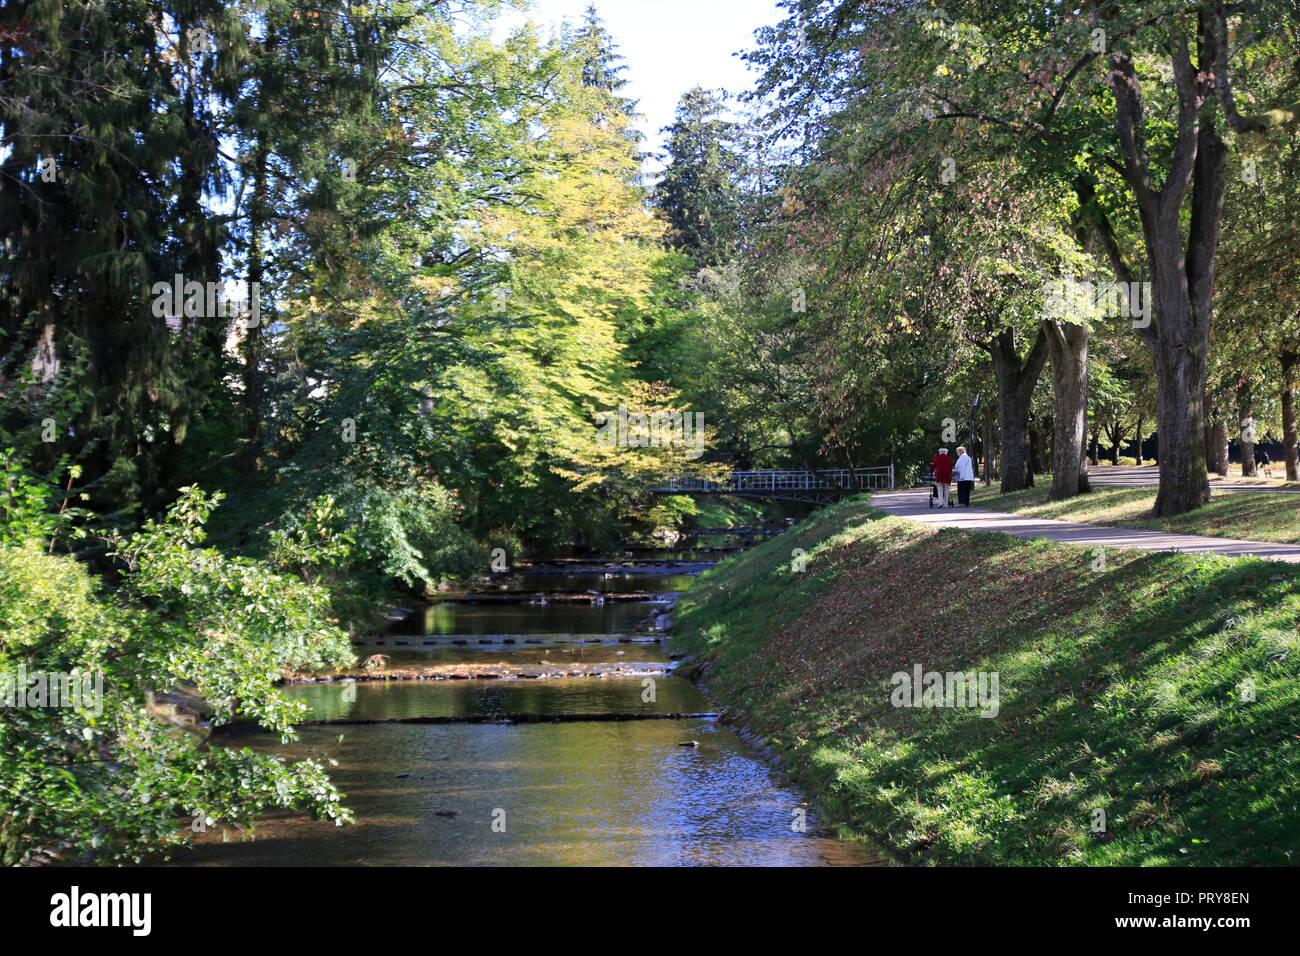 Berühmte Lichtentaler Allee, mit Radweg, Bach Oos und Spaziergänger in Baden-Baden im Herbst - Stock Image